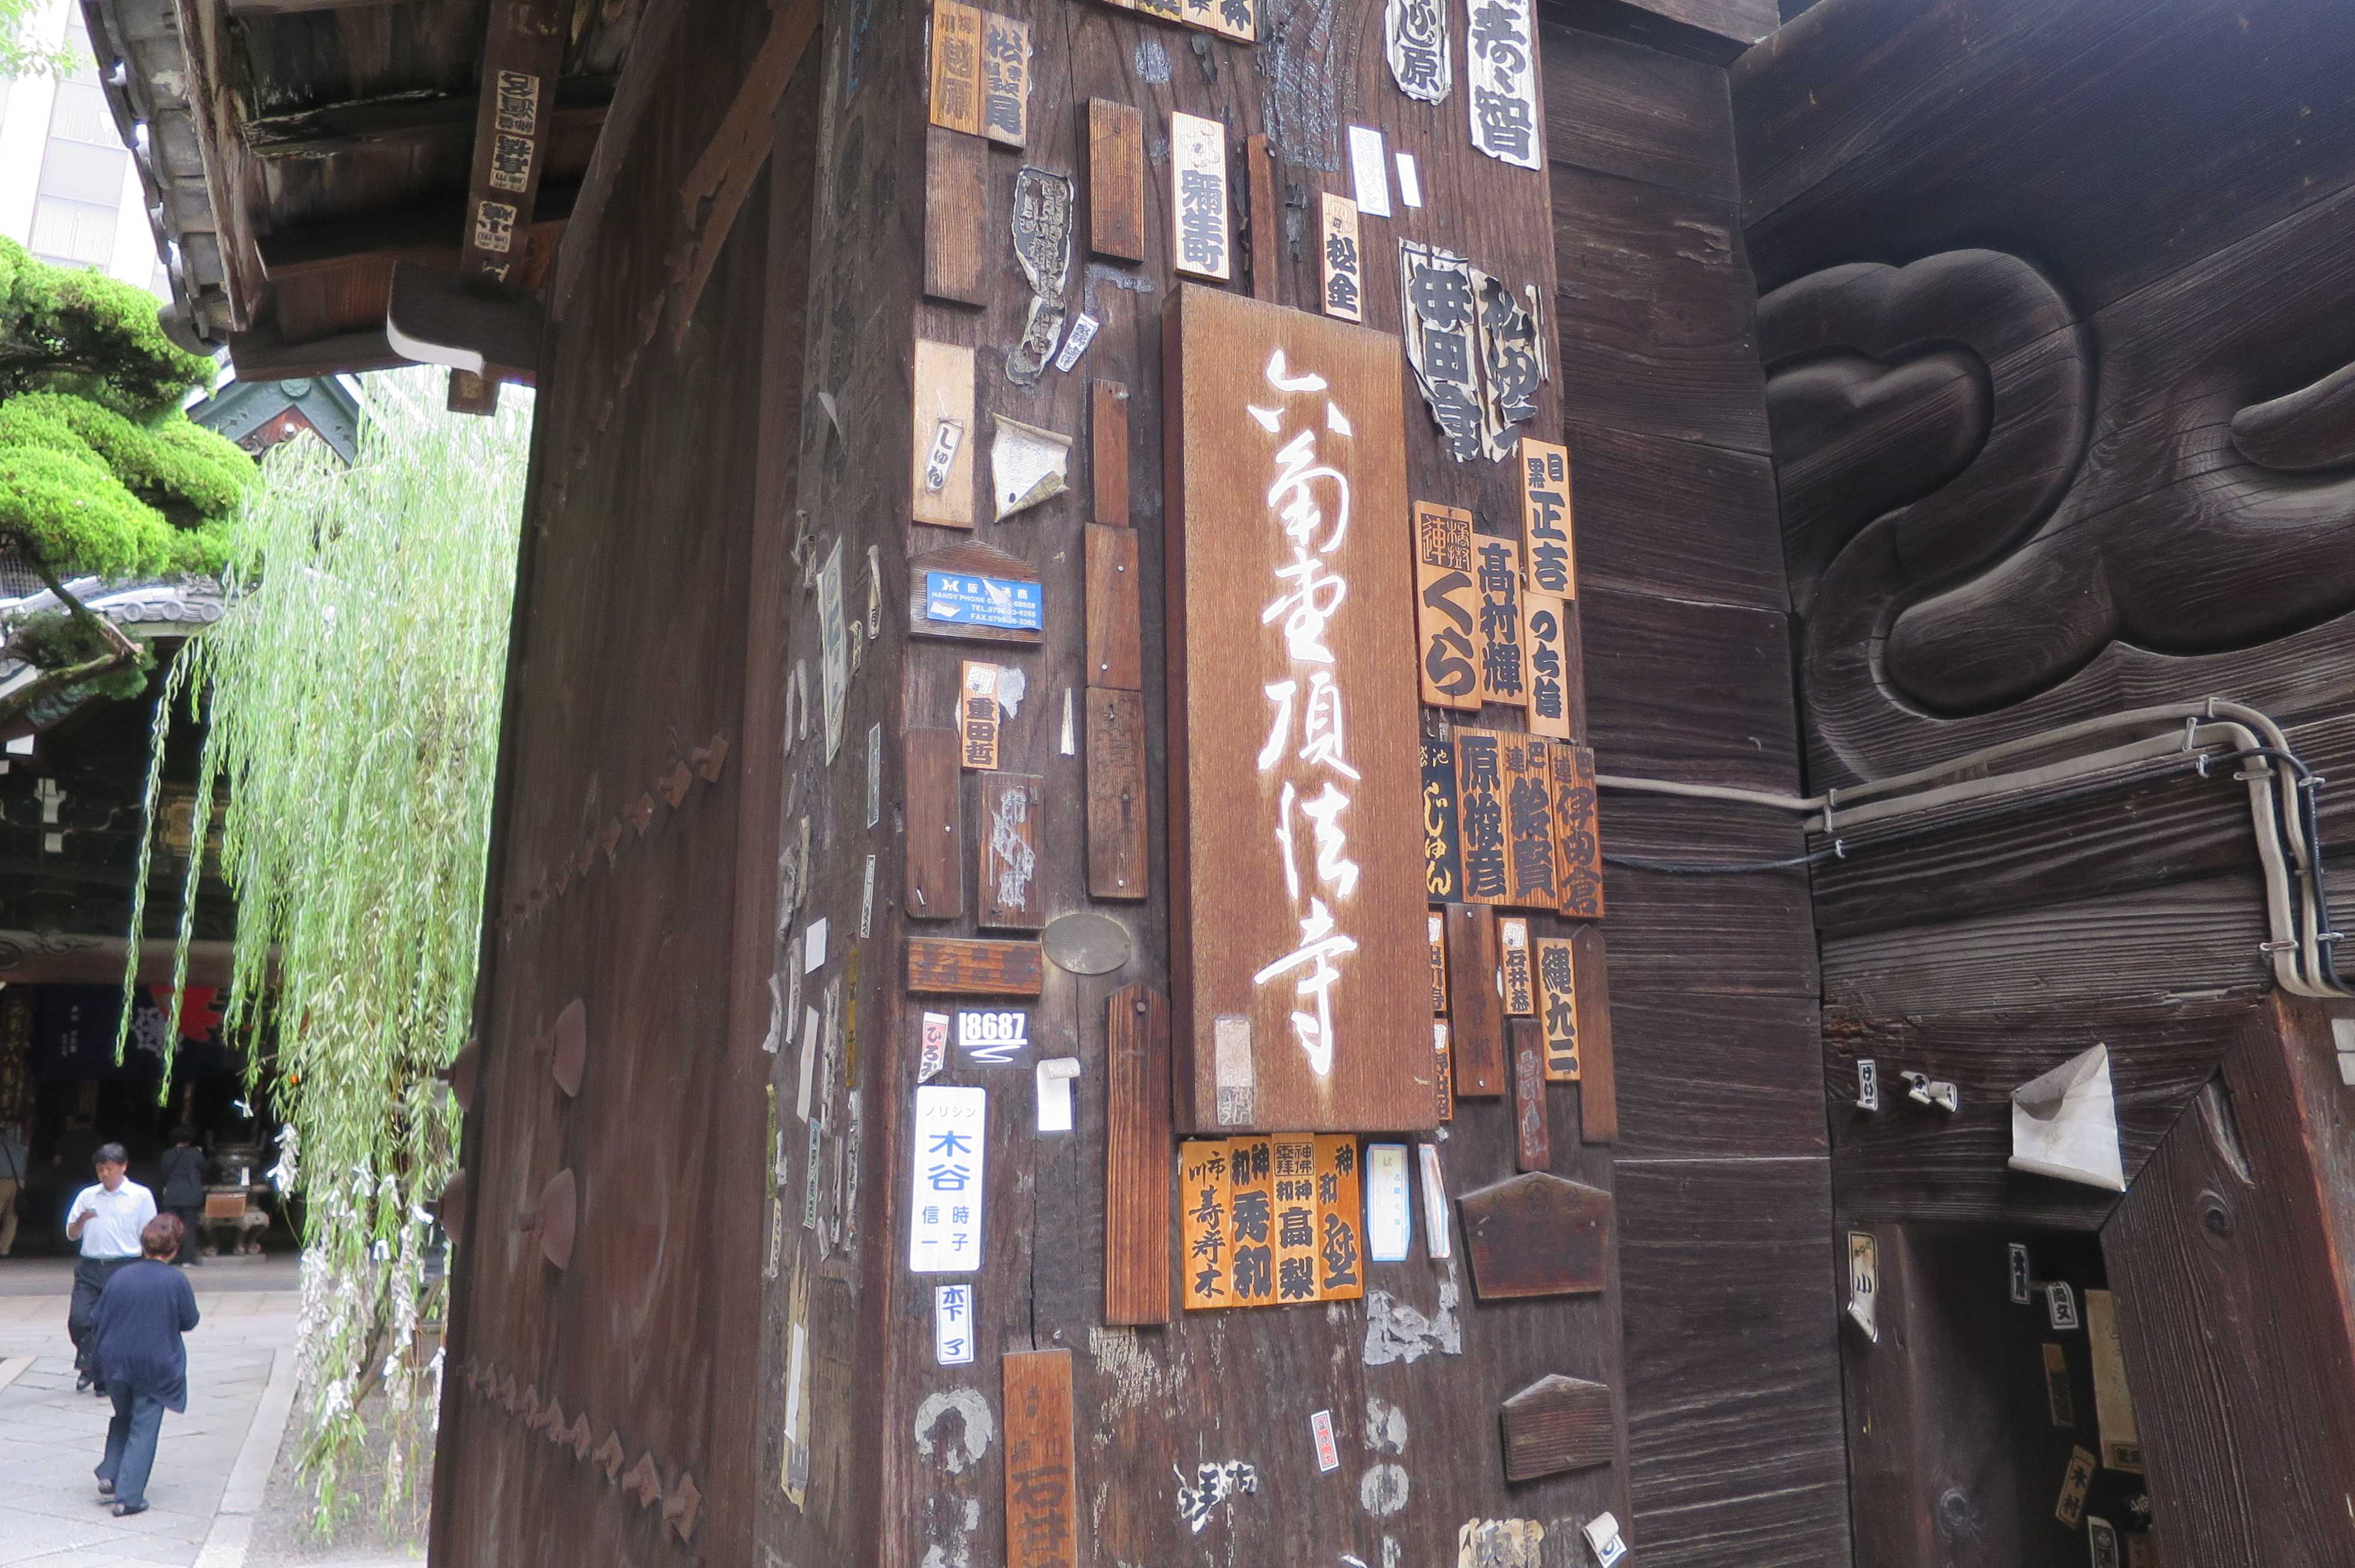 六角堂頂法寺の山門の表札